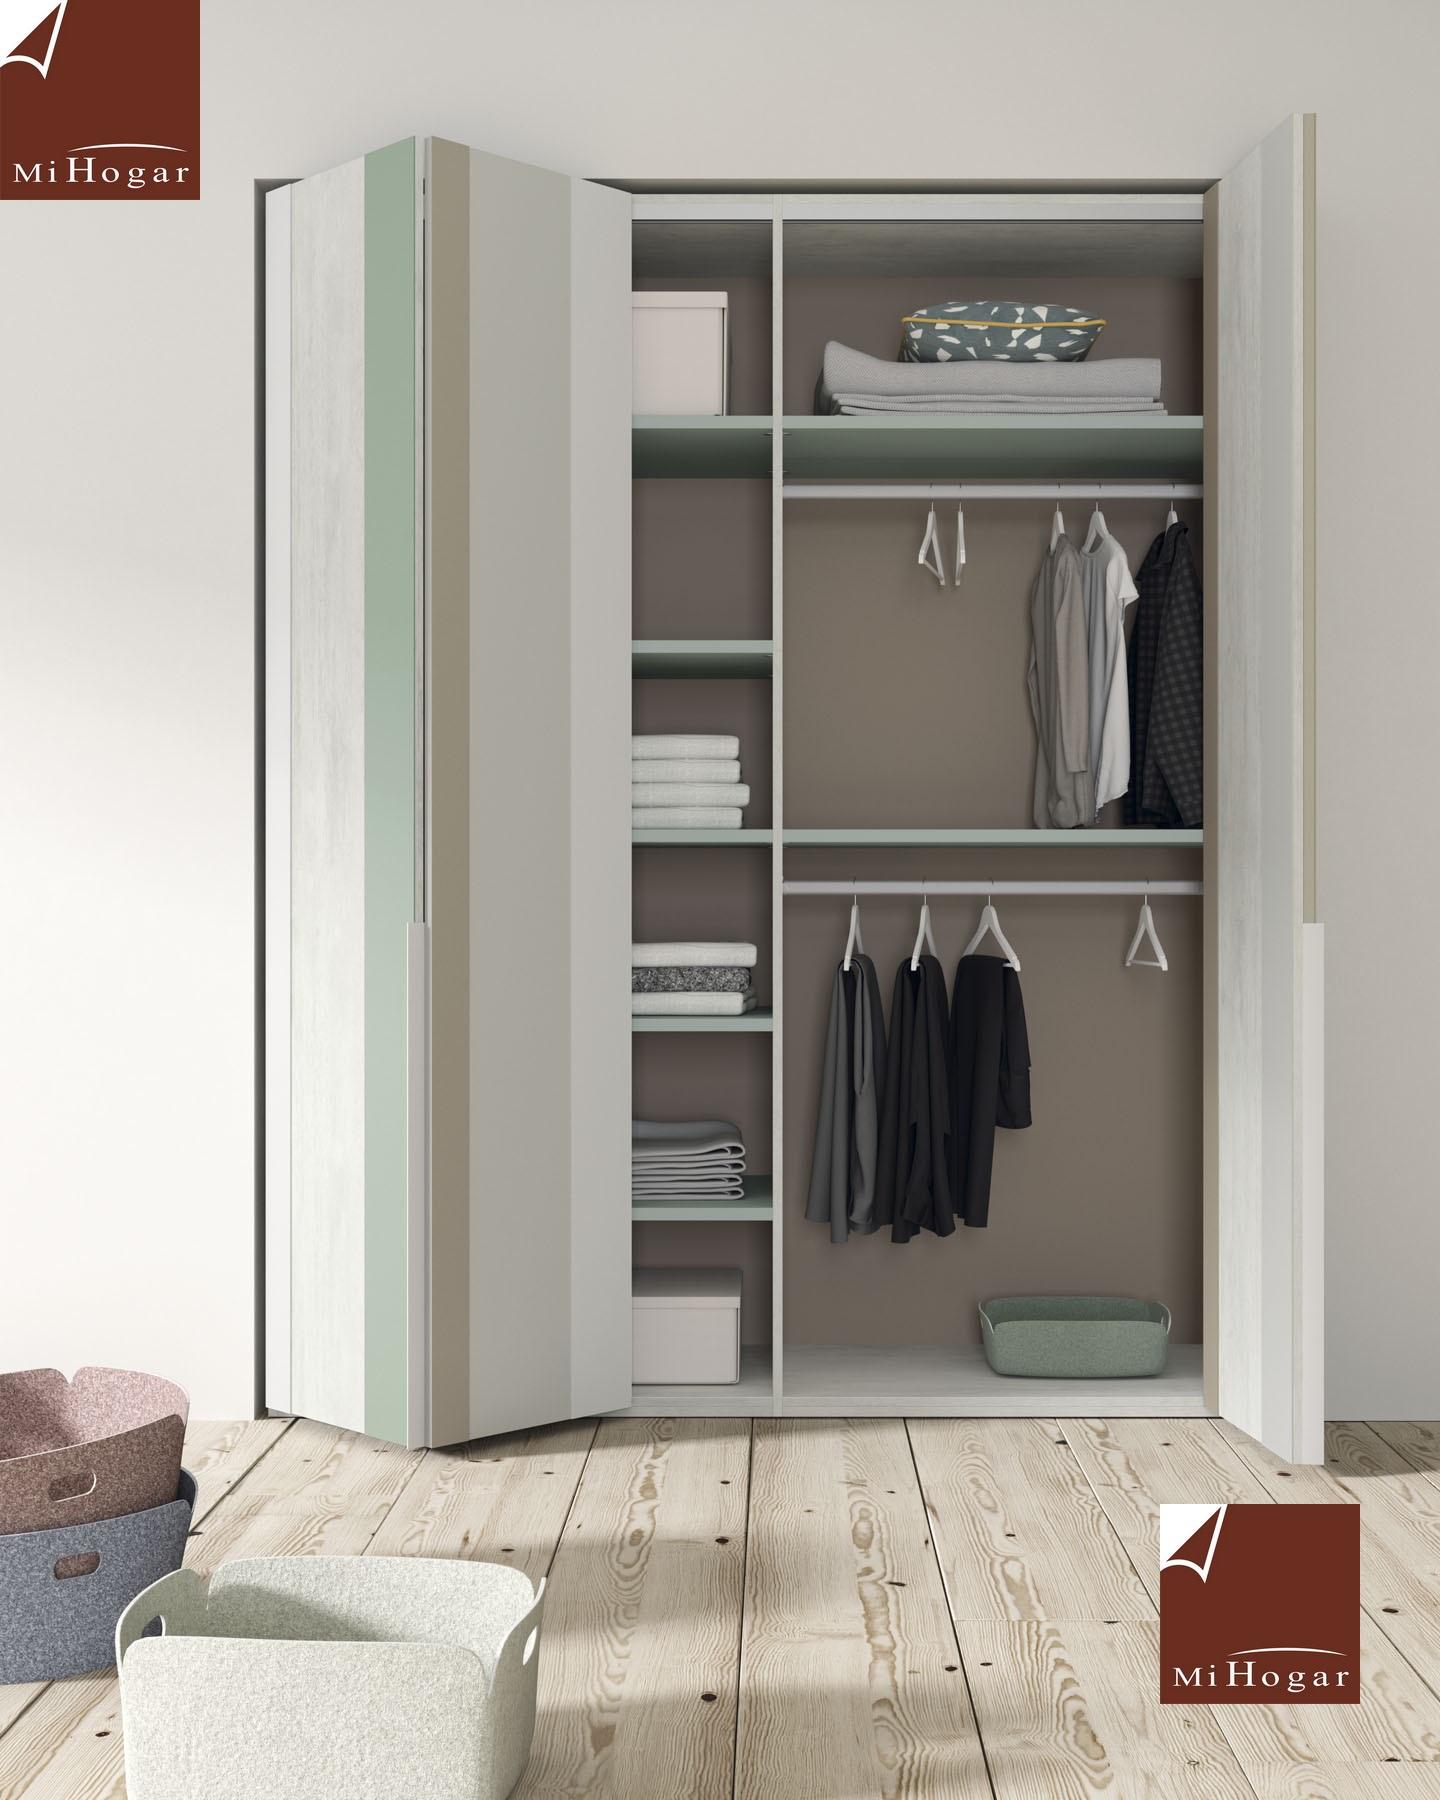 Armarios de puertas batientes plegables juvenil tmb muebles mi hogar - Puertas plegables armarios ...